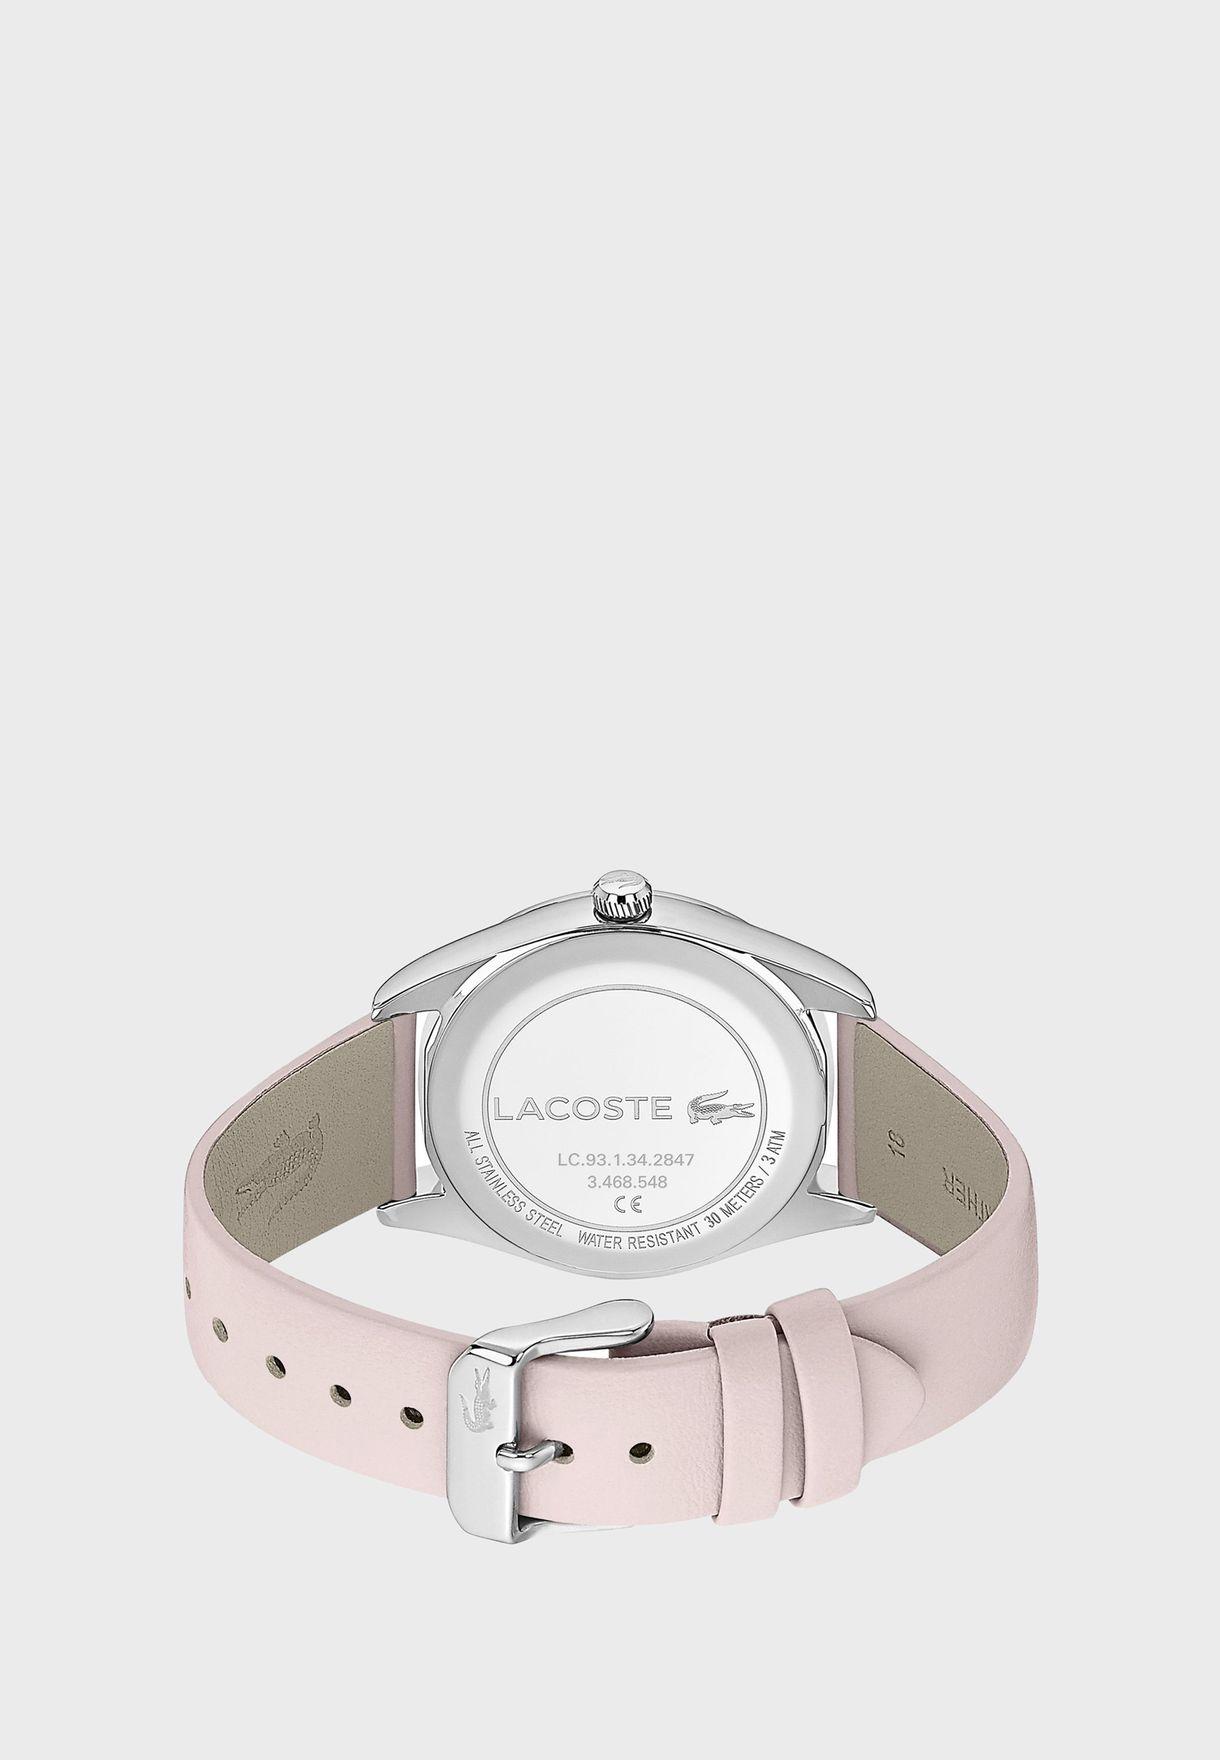 ساعة لاكوست باريزيان بسوار جلدي للنساء - 2001098